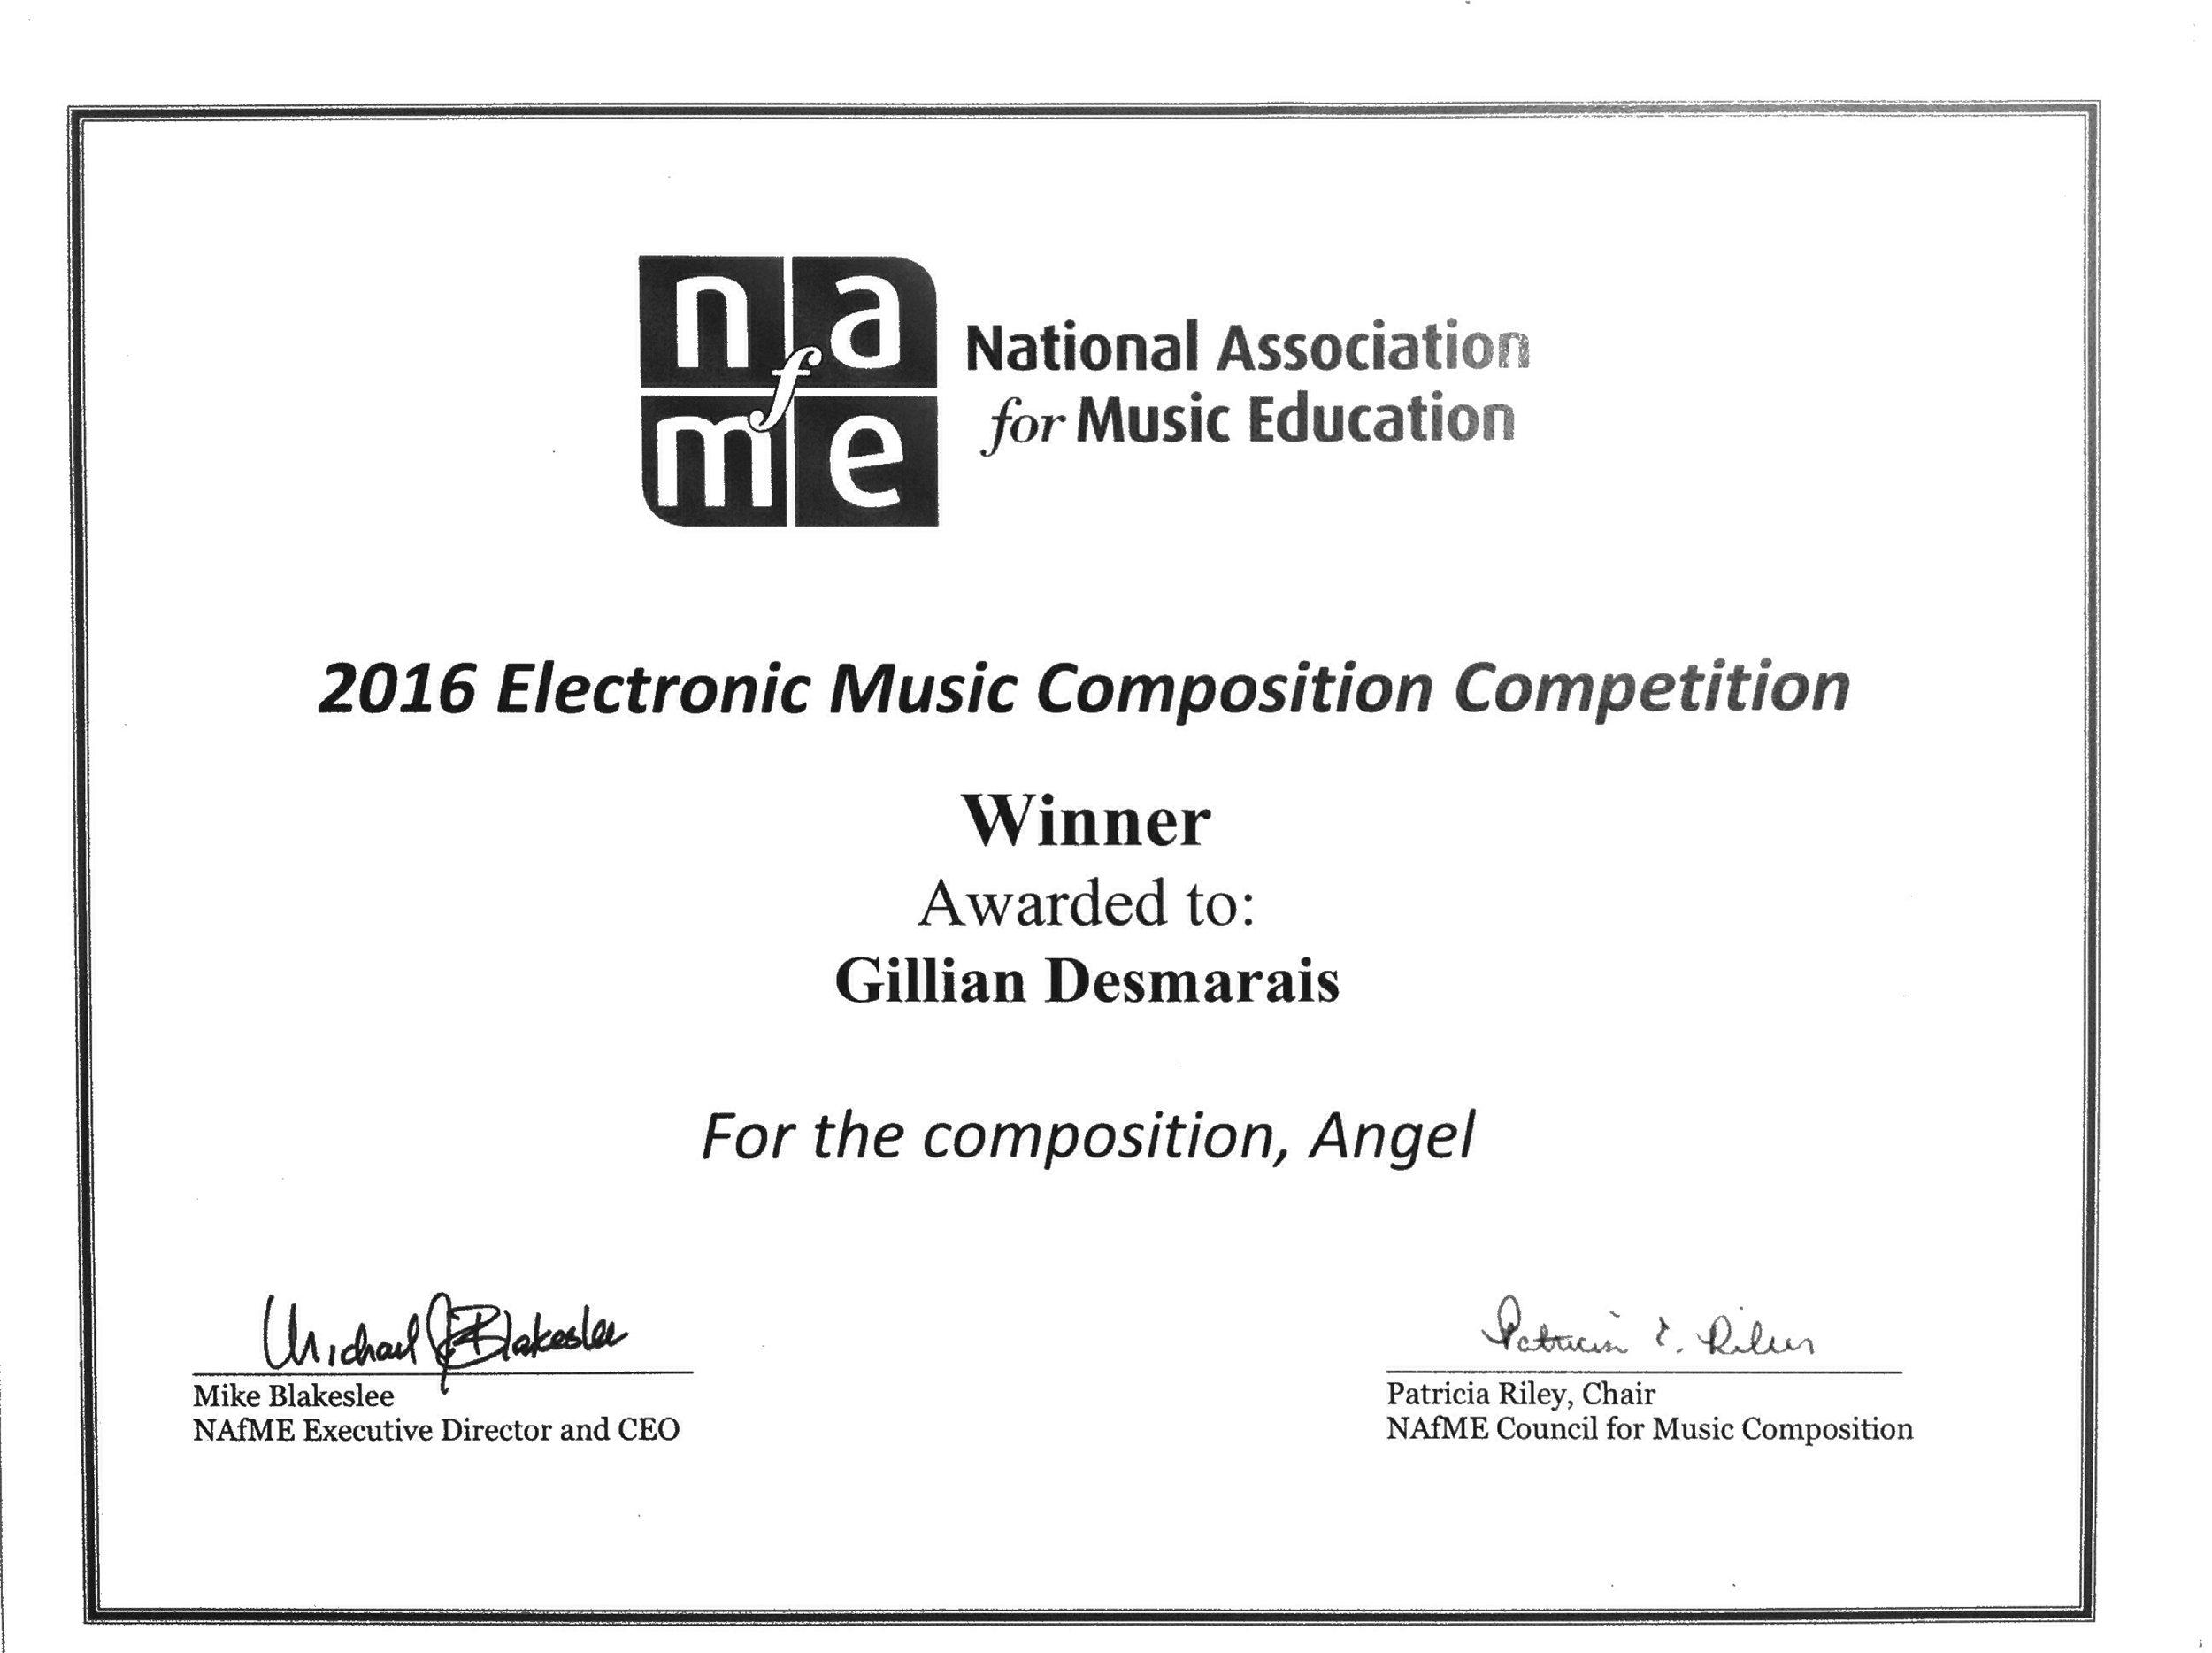 Nafme Award page 1.jpg